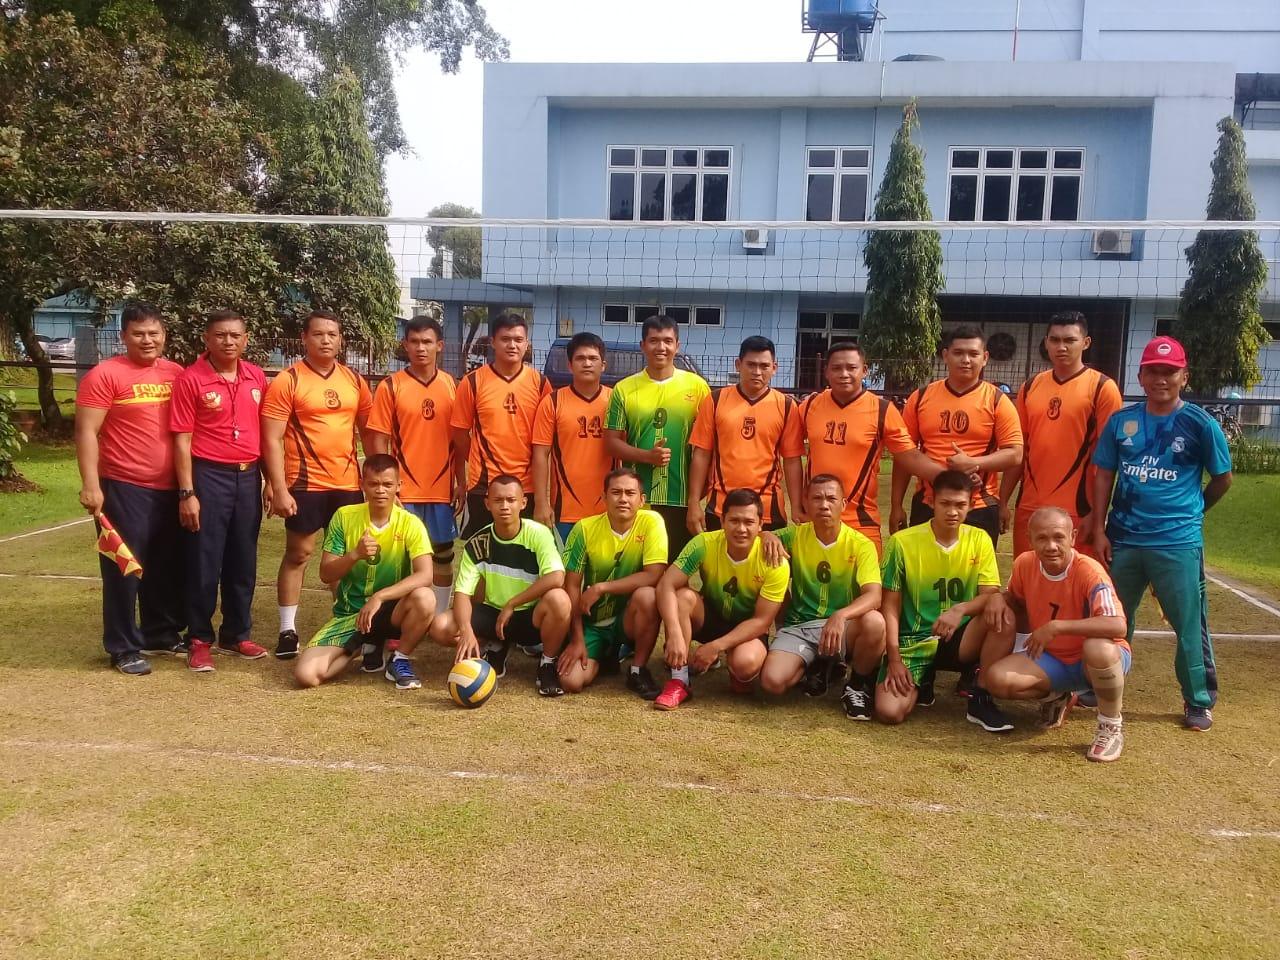 Pertandingan Volly di Lanud Atamg Sendjaja, Sebagai Sarana Untuk Menanamkan Jiwa Semangat Juang dan Sportivitas